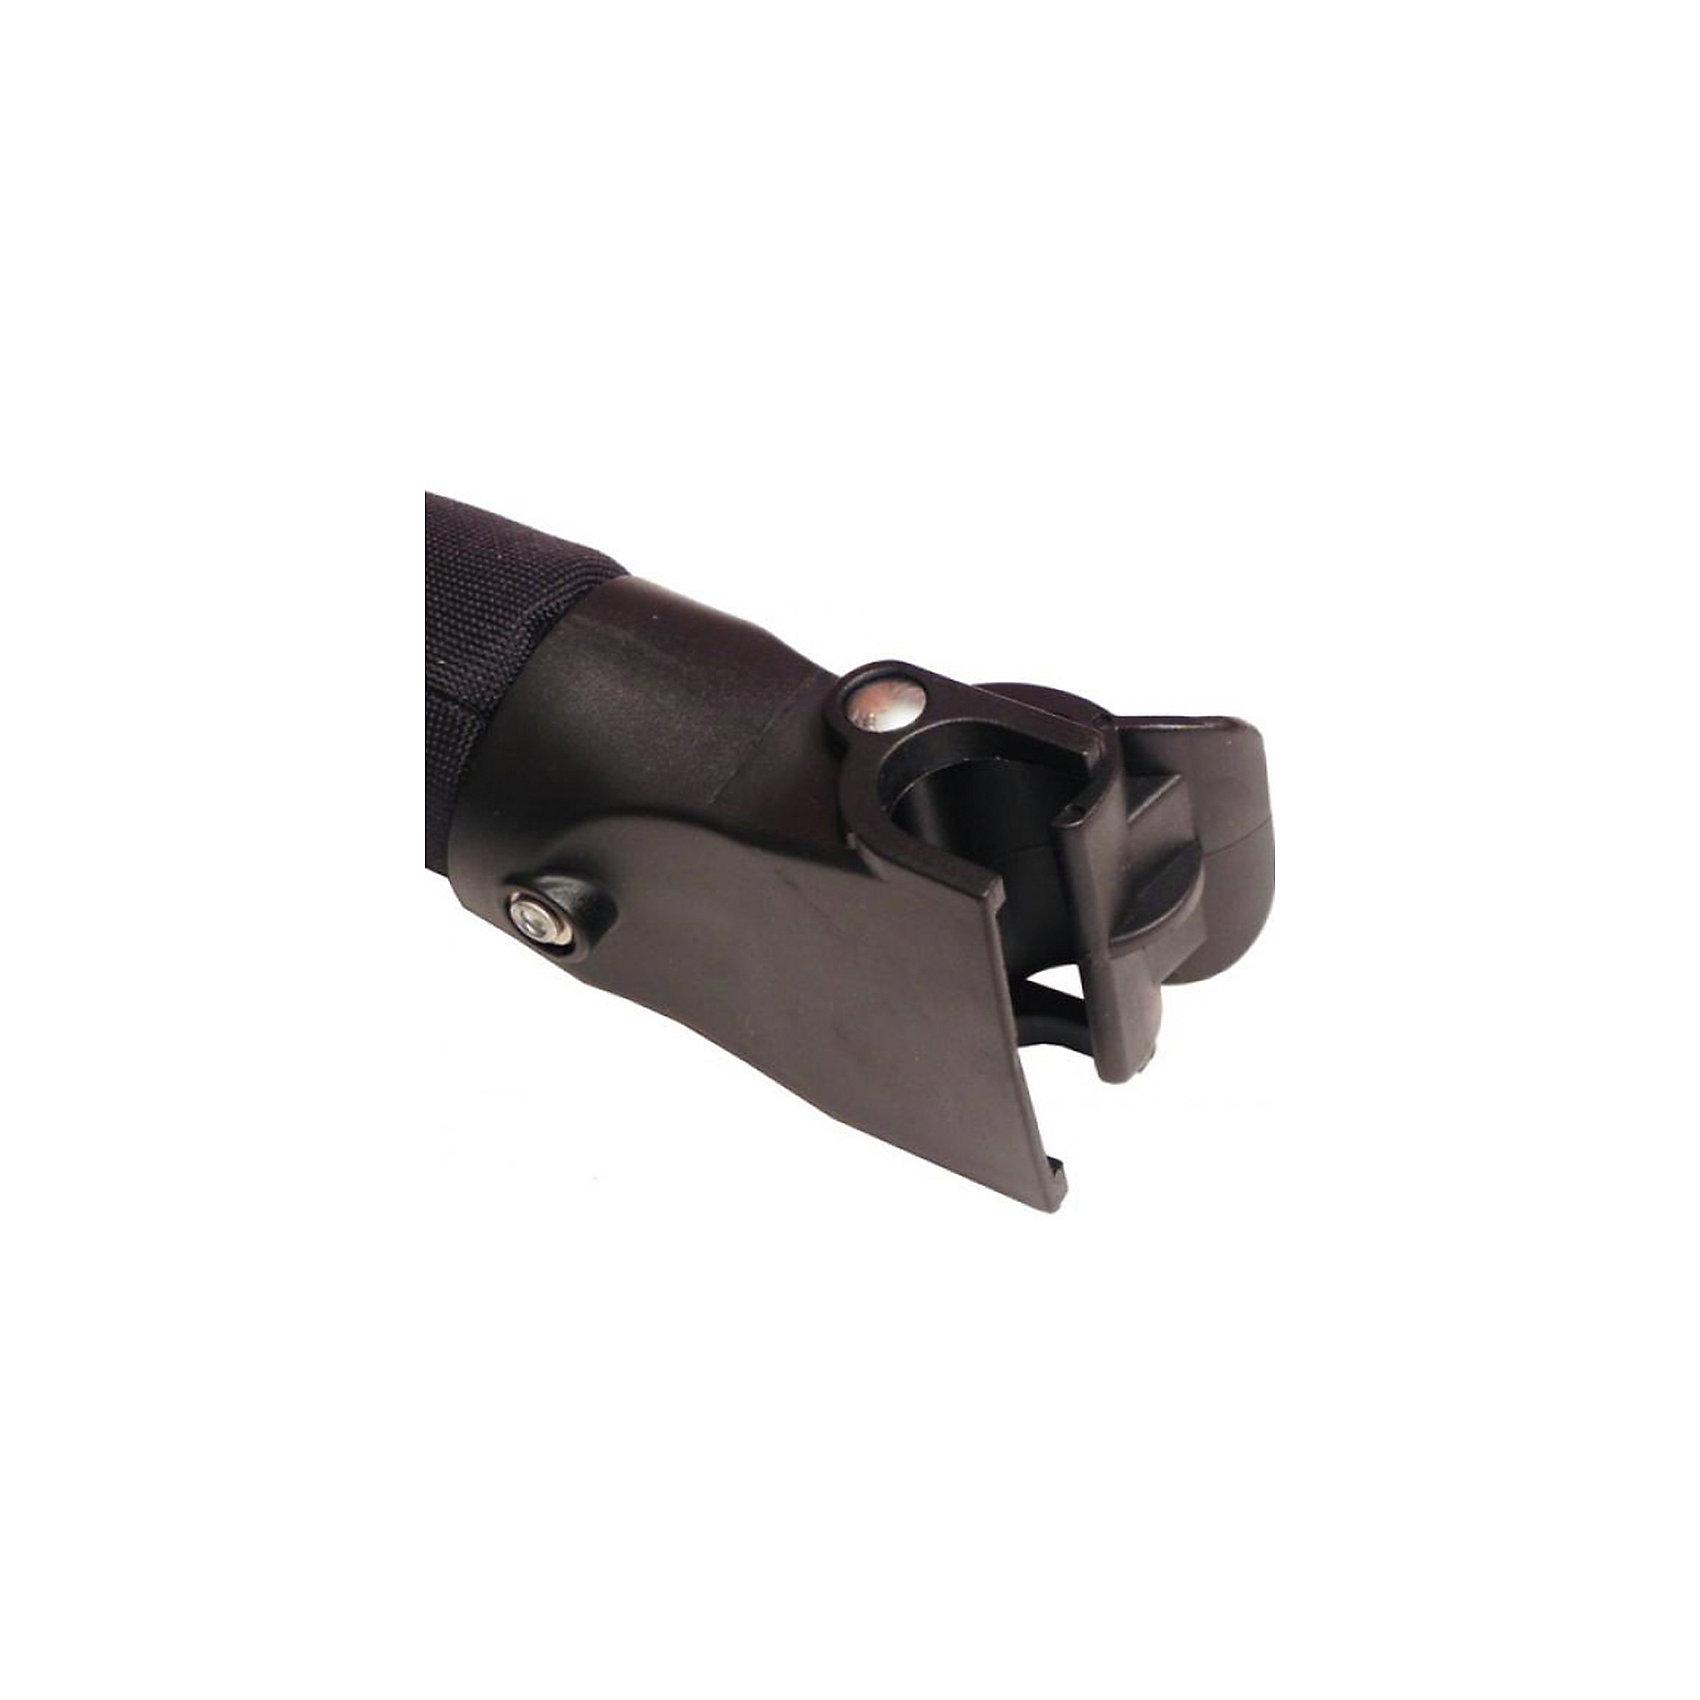 Бампер универсальный 16 мм, Cosatto, Black (COSATTO)